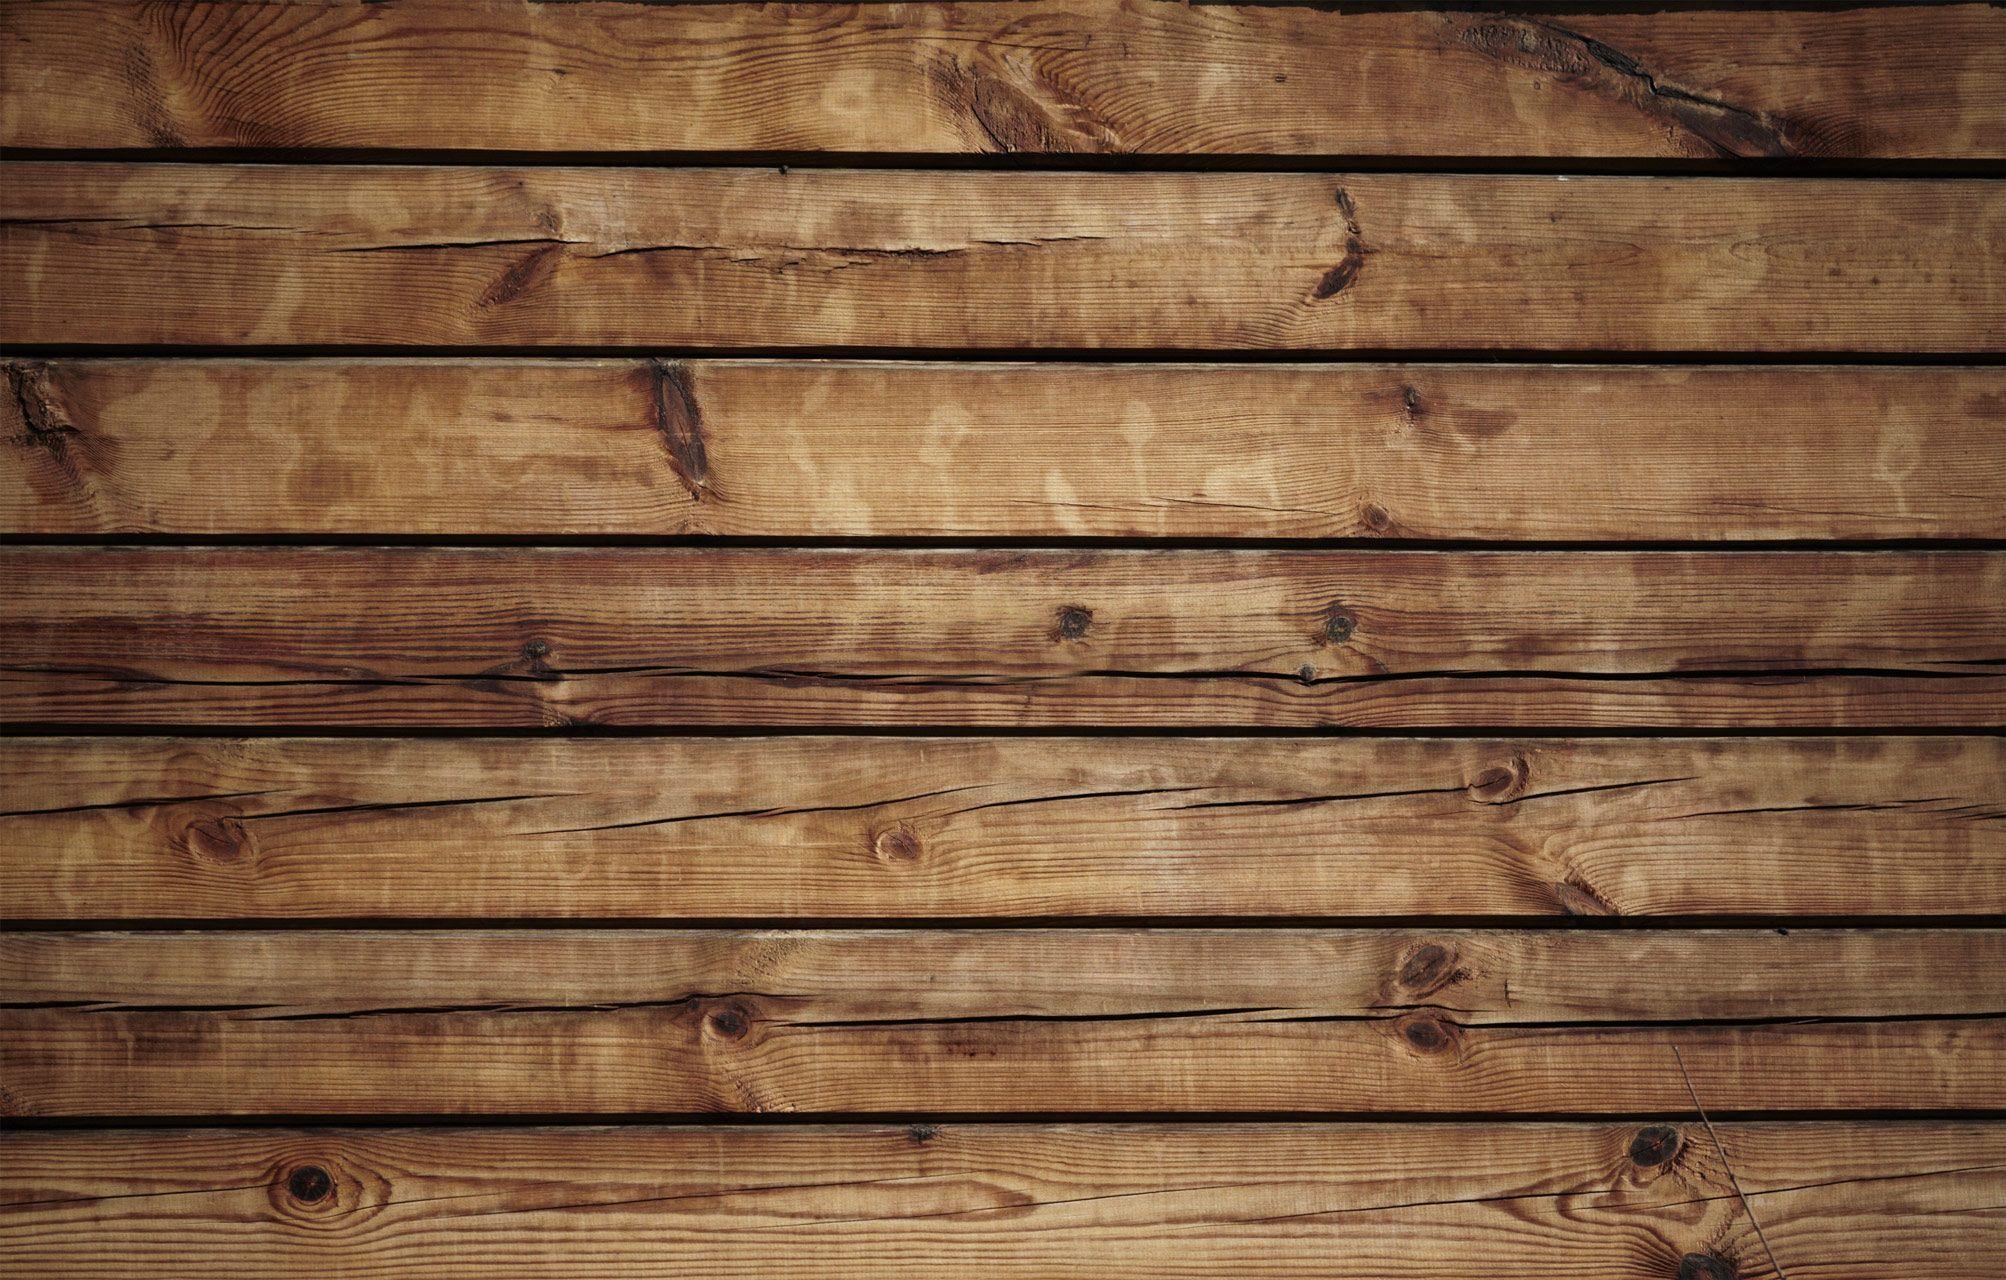 Wood Texture Old Wood Texture Wood Texture Wood Plank